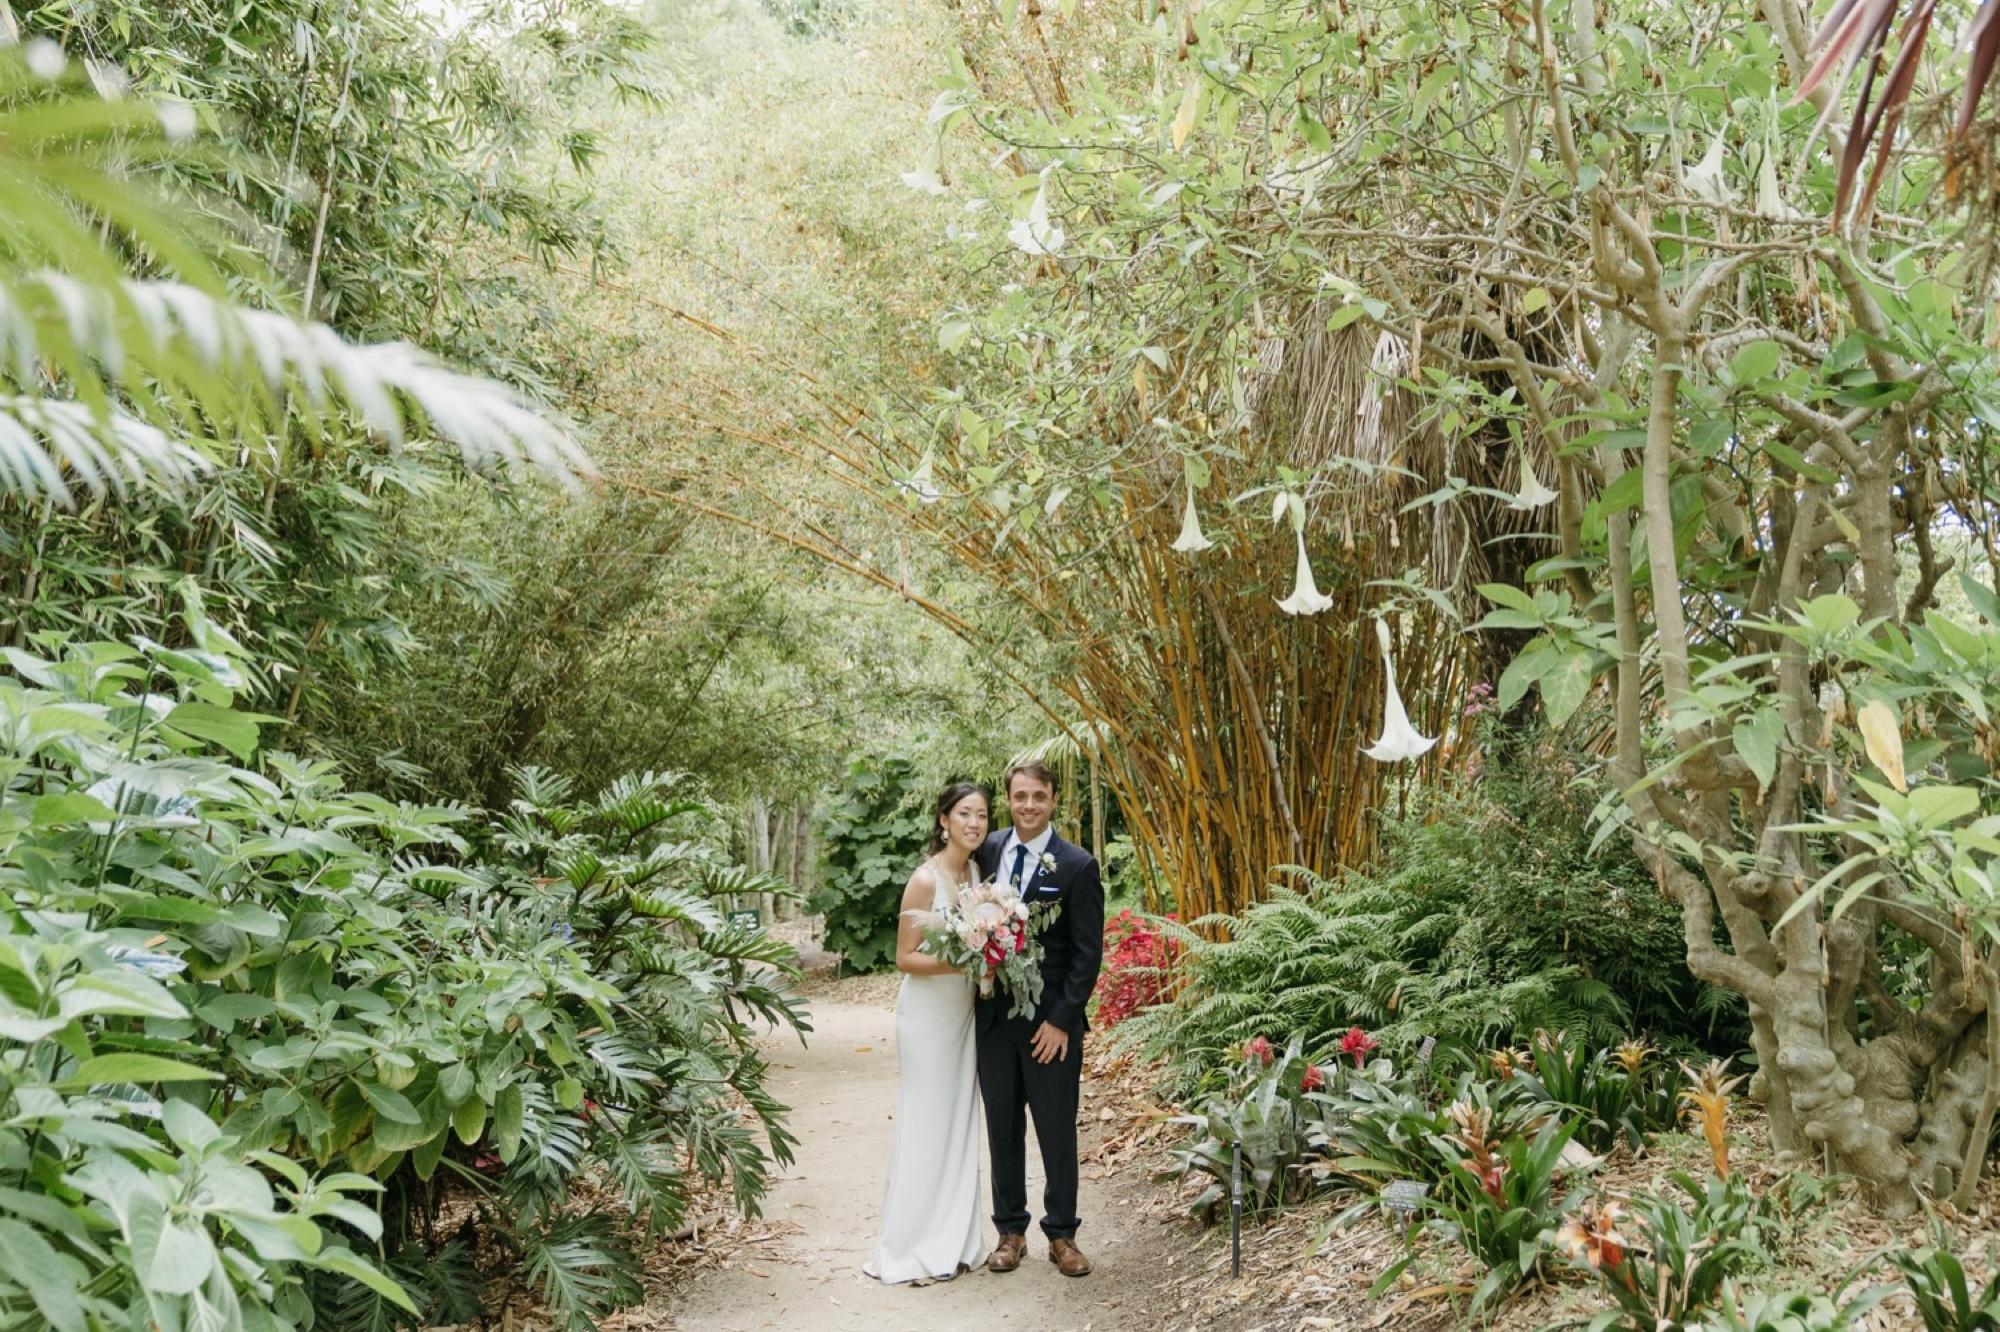 081_Shawna and Steve's Wedding-518.jpg